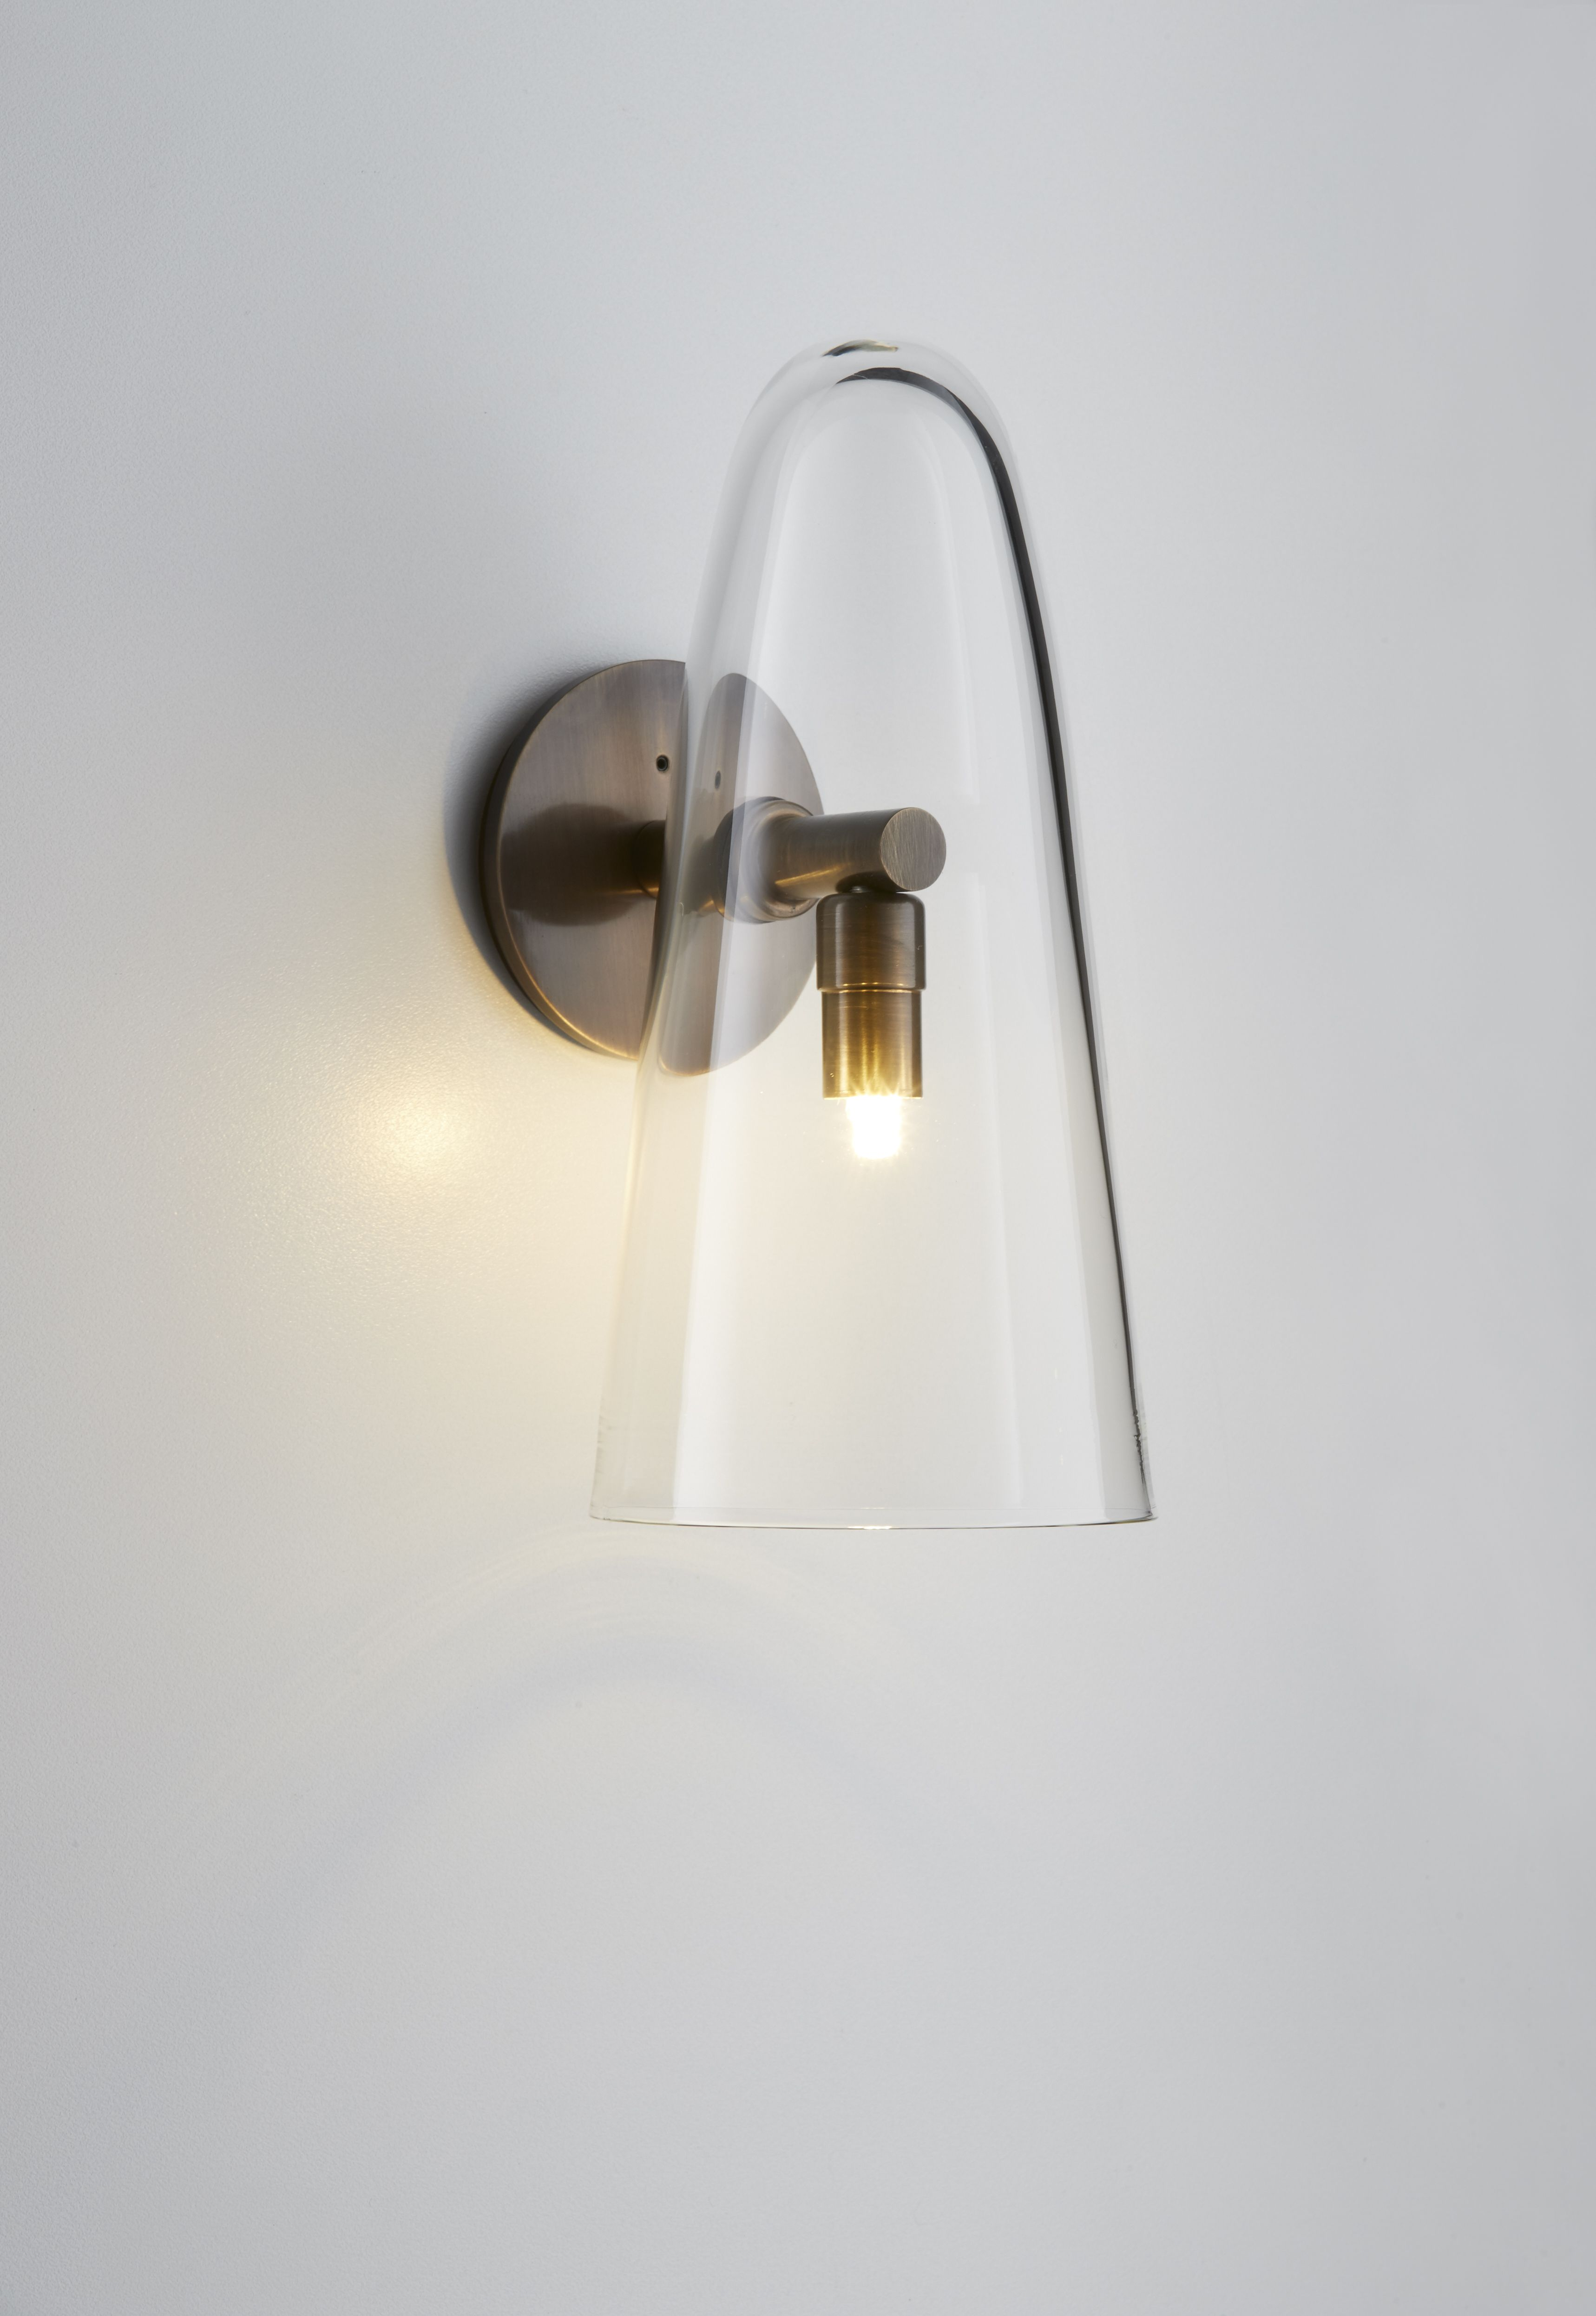 Modern lighting fixture Restaurant Lighting And Chandeliers 20 Modern Lighting Ideas Best Modern Light Fixtures